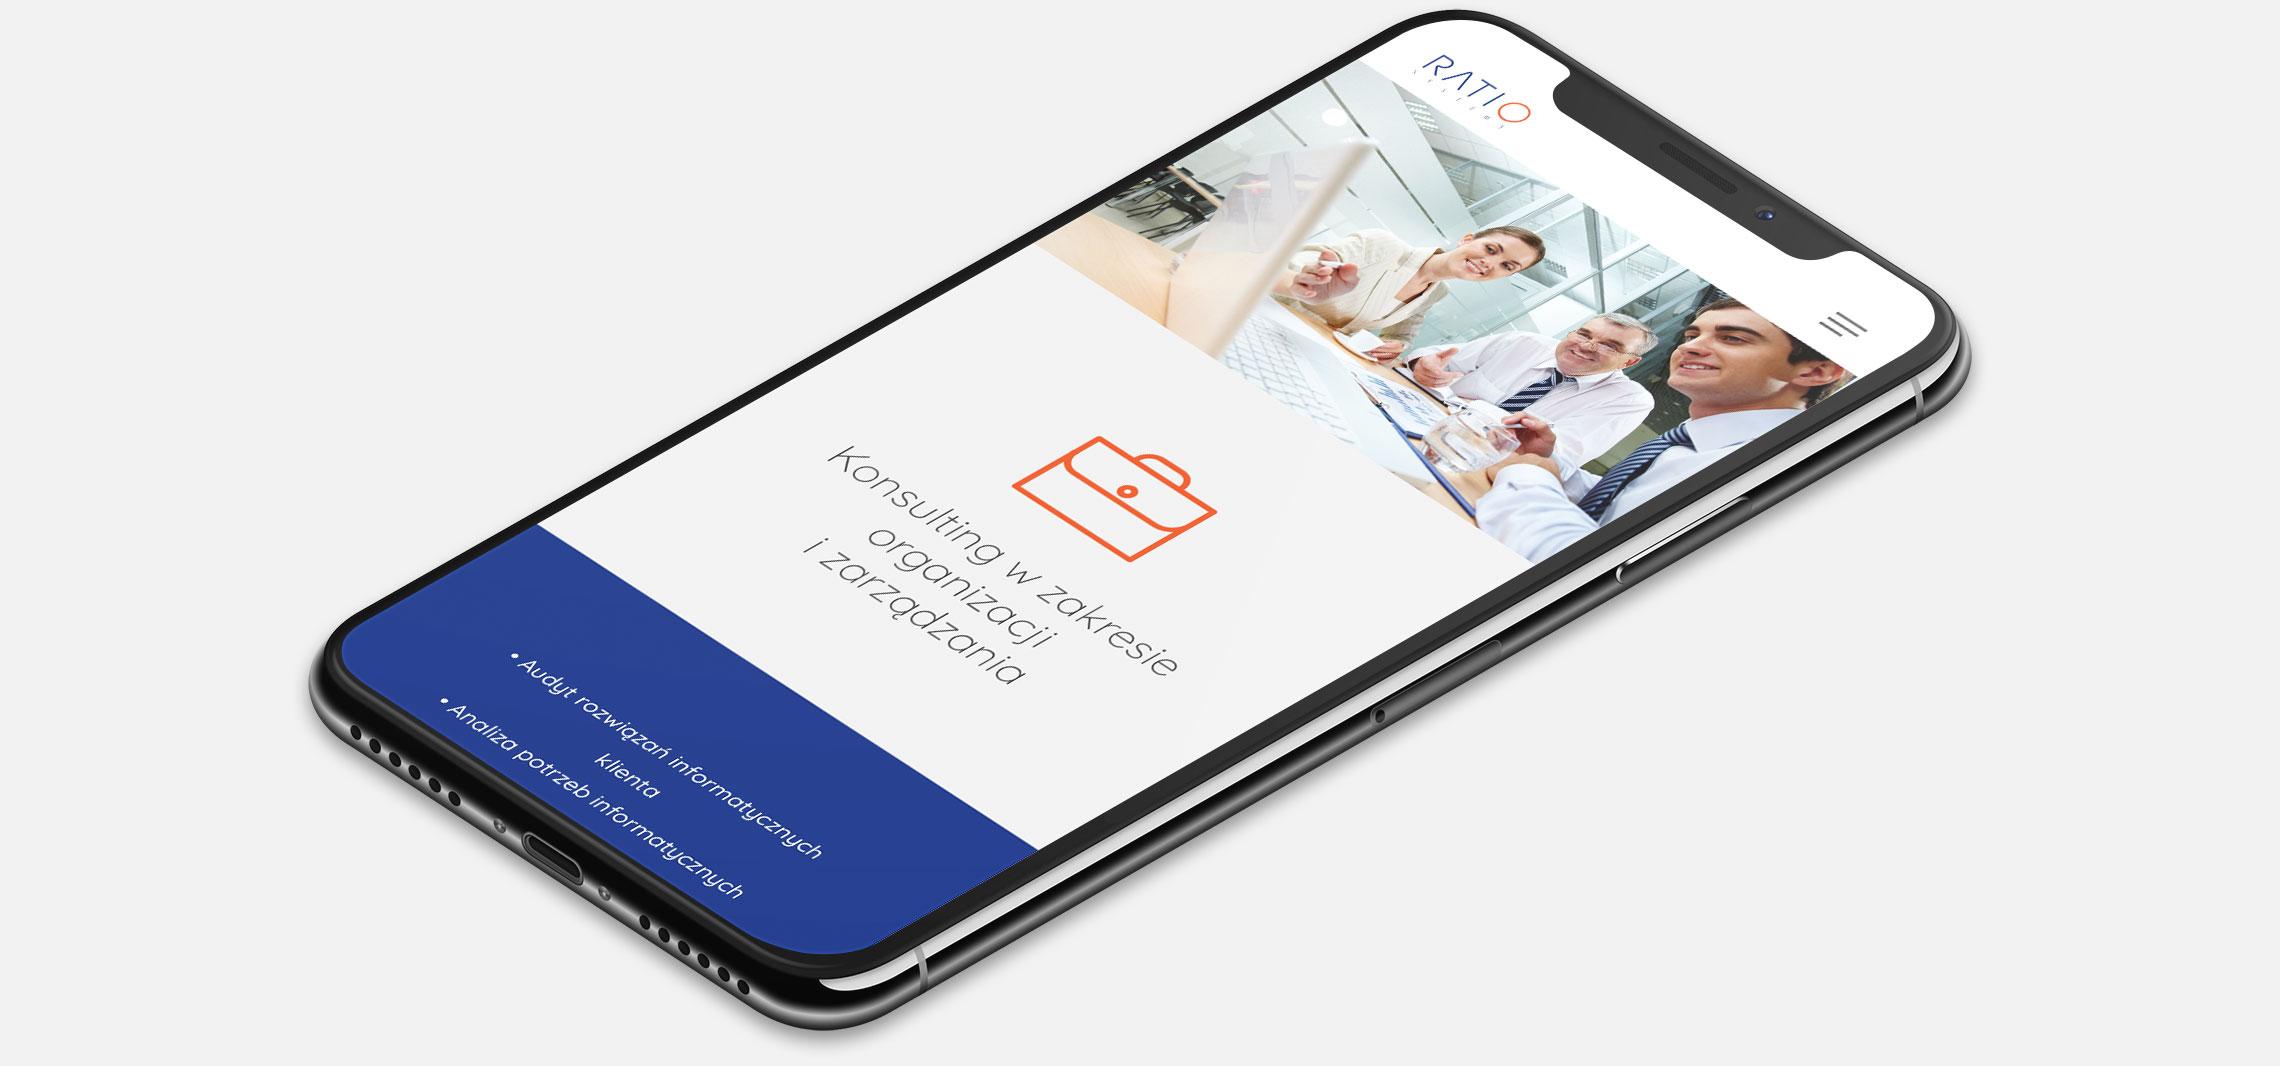 Strona internetowa Ratio Systems wwersji naurządzenia mobilne (smartfon)